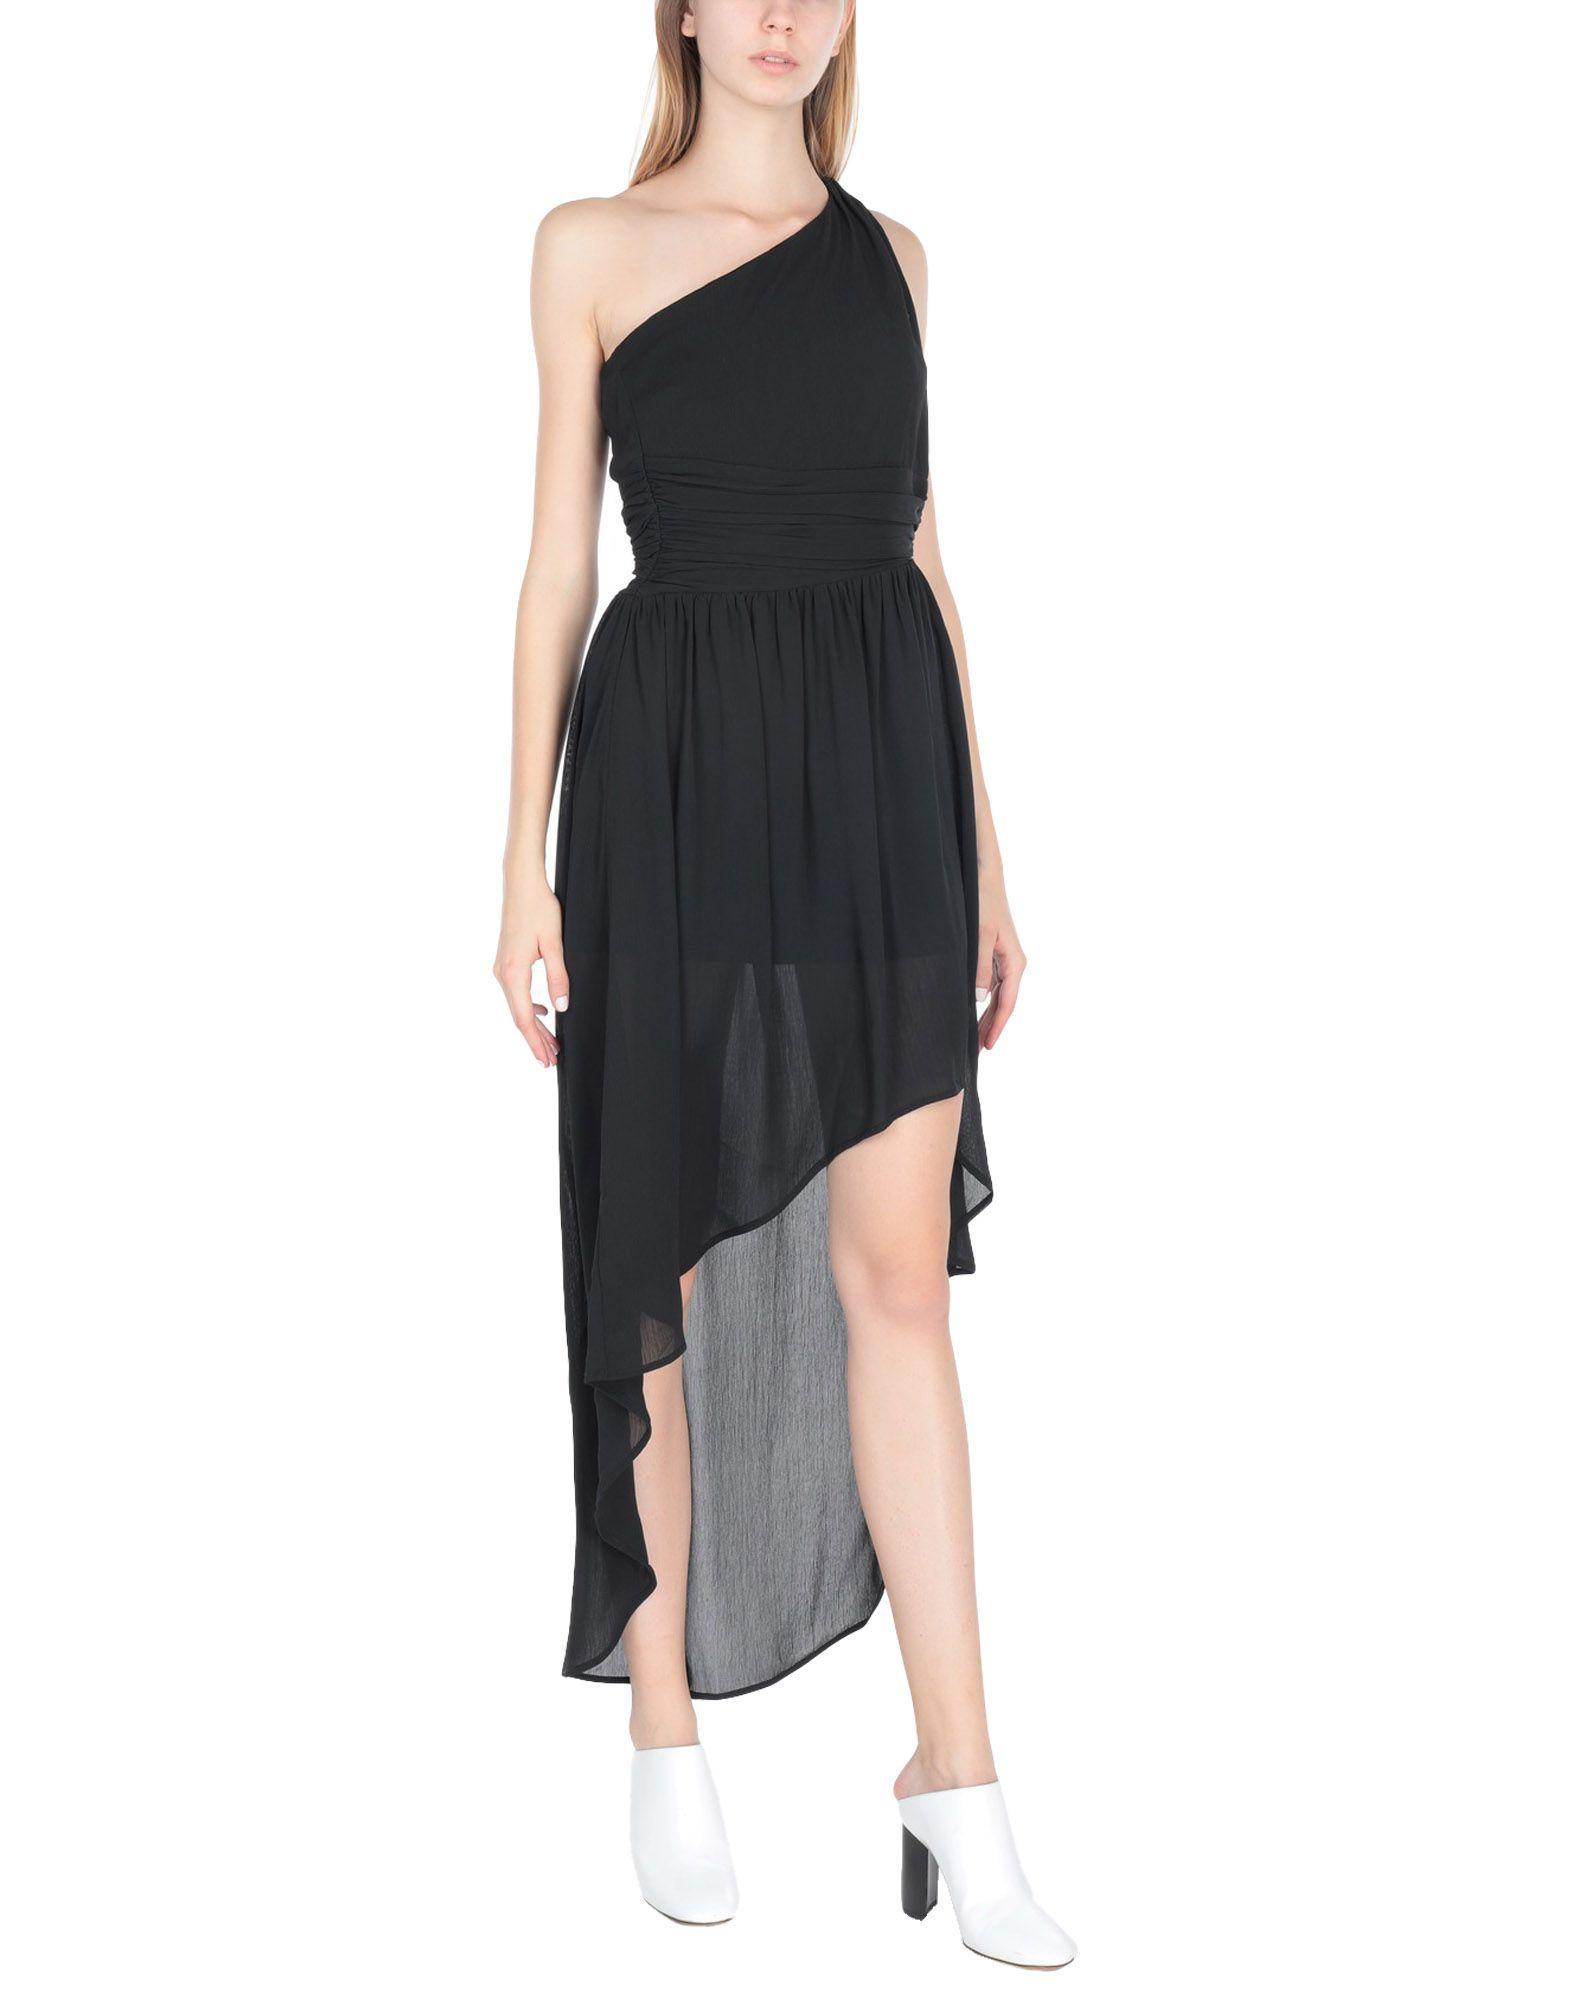 Koralline Black One Shoulder Dress